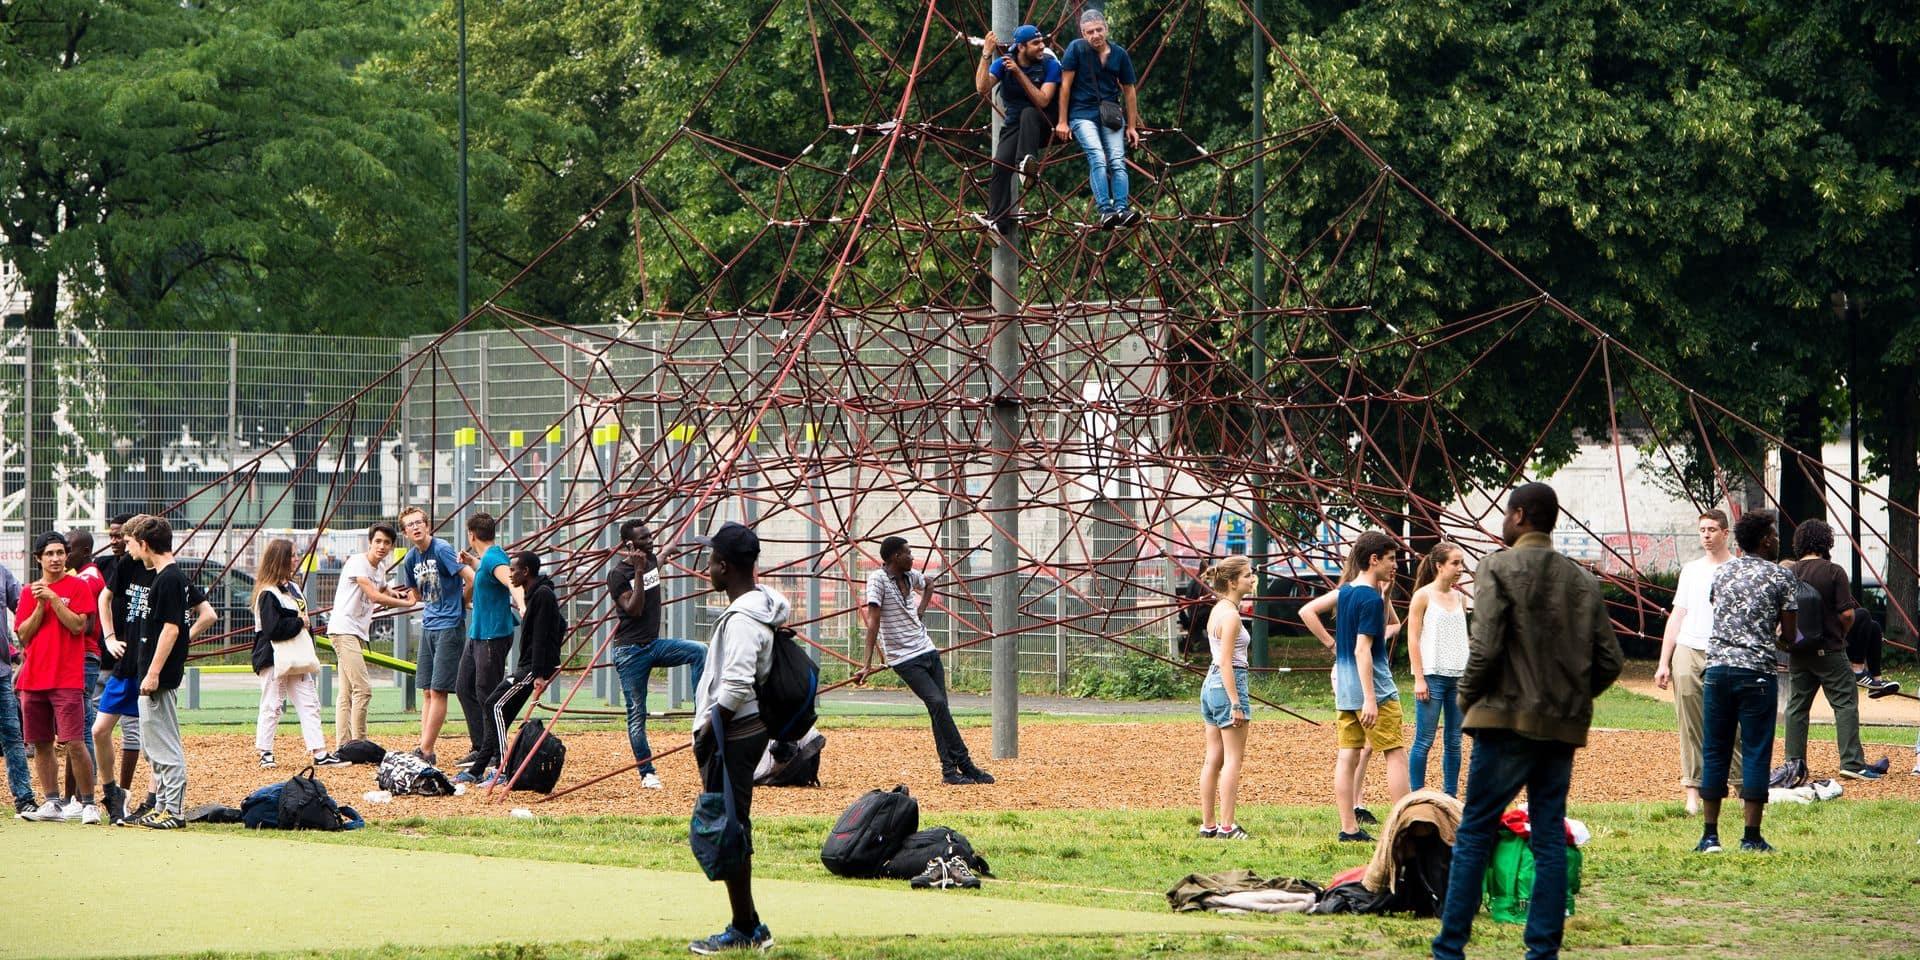 Le gouvernement bruxellois veut ouvrir un centre d'accueil et d'orientation pour les migrants de transit